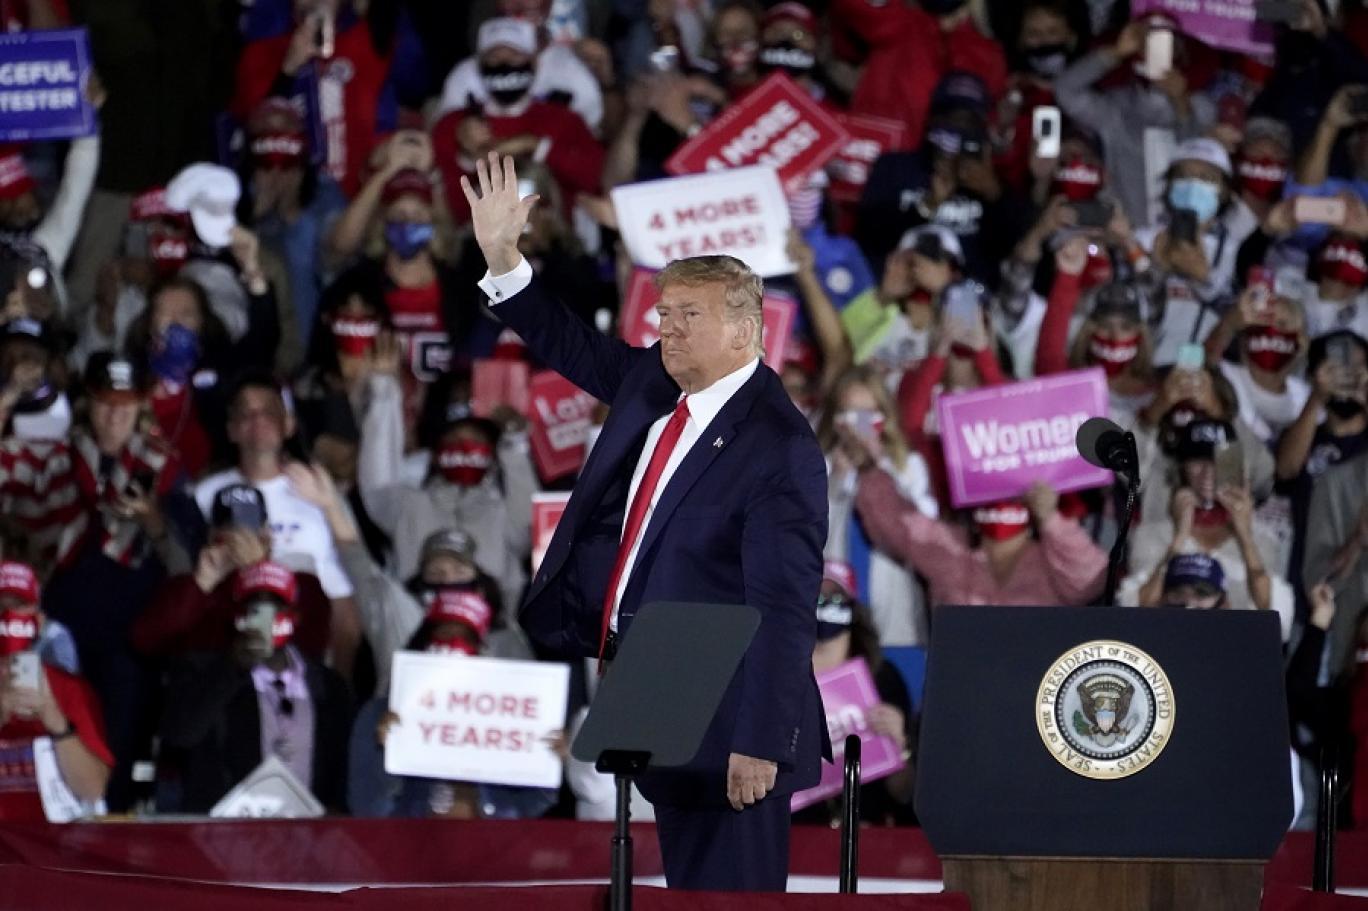 الرئيس الأميركي يرسم مرحلة ما بعد الانتخابات: انتعاش ترمب أو كساد بايدن